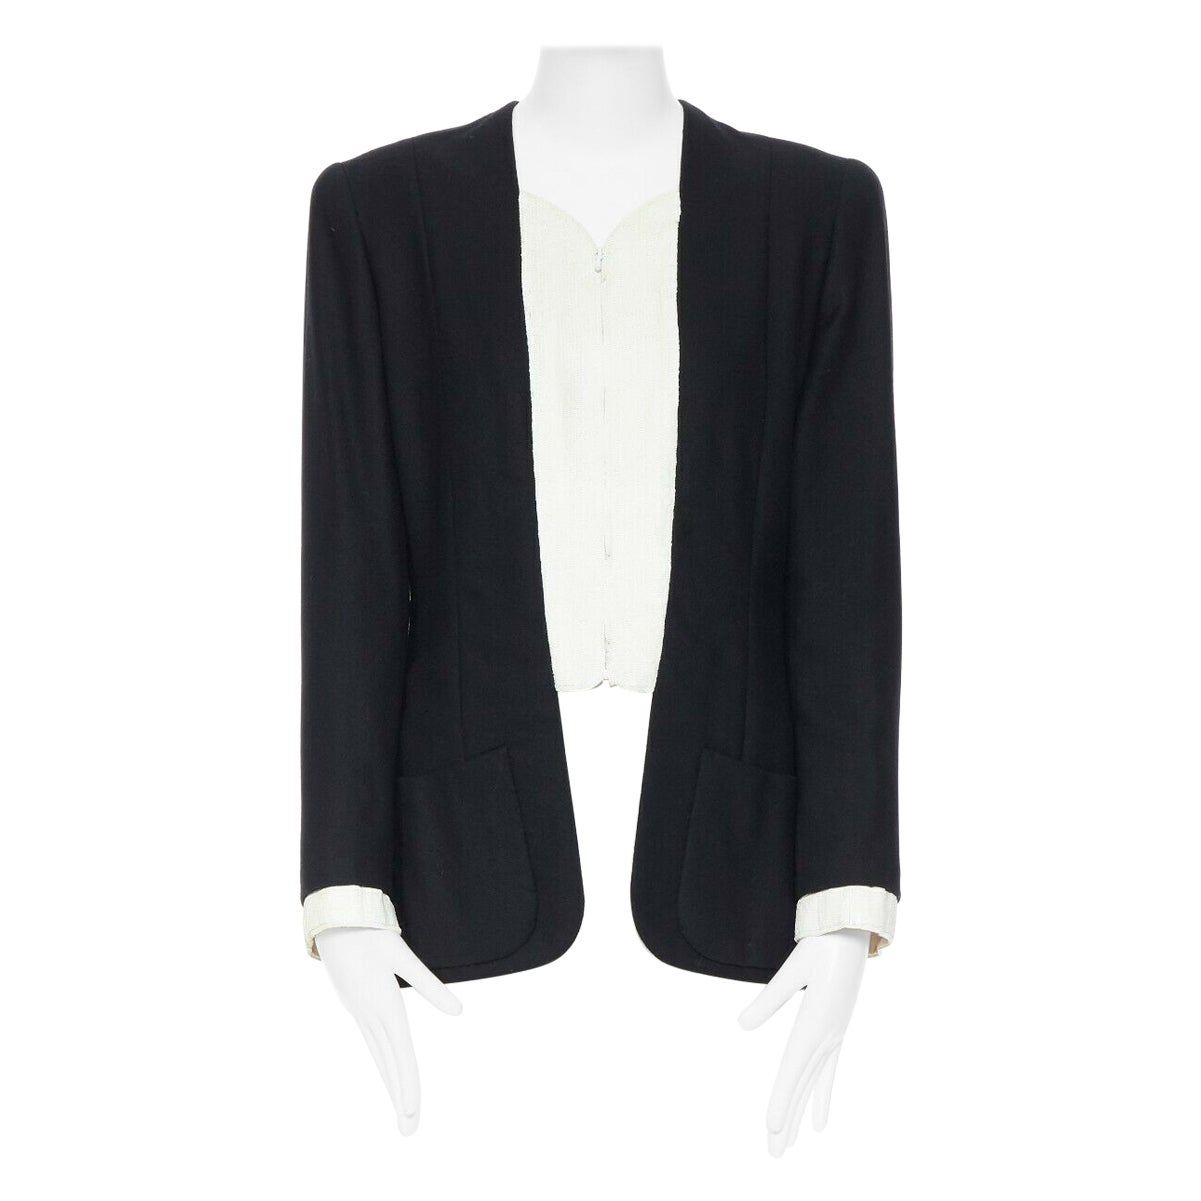 CHANEL HAUTE COUTURE Tromp L'oeil white matte sequins zip front wool jacket L